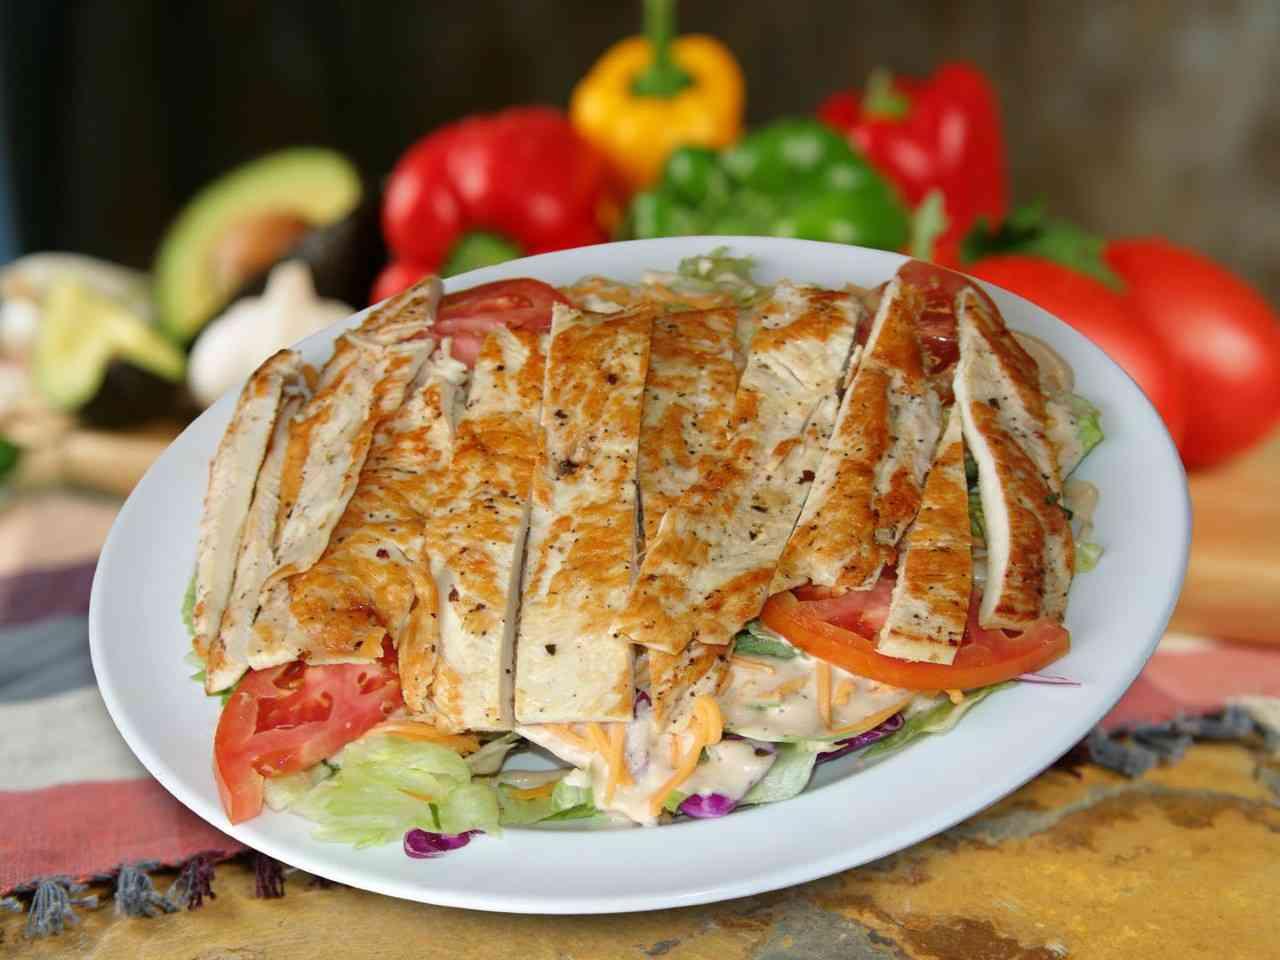 #23 Chicken Salad